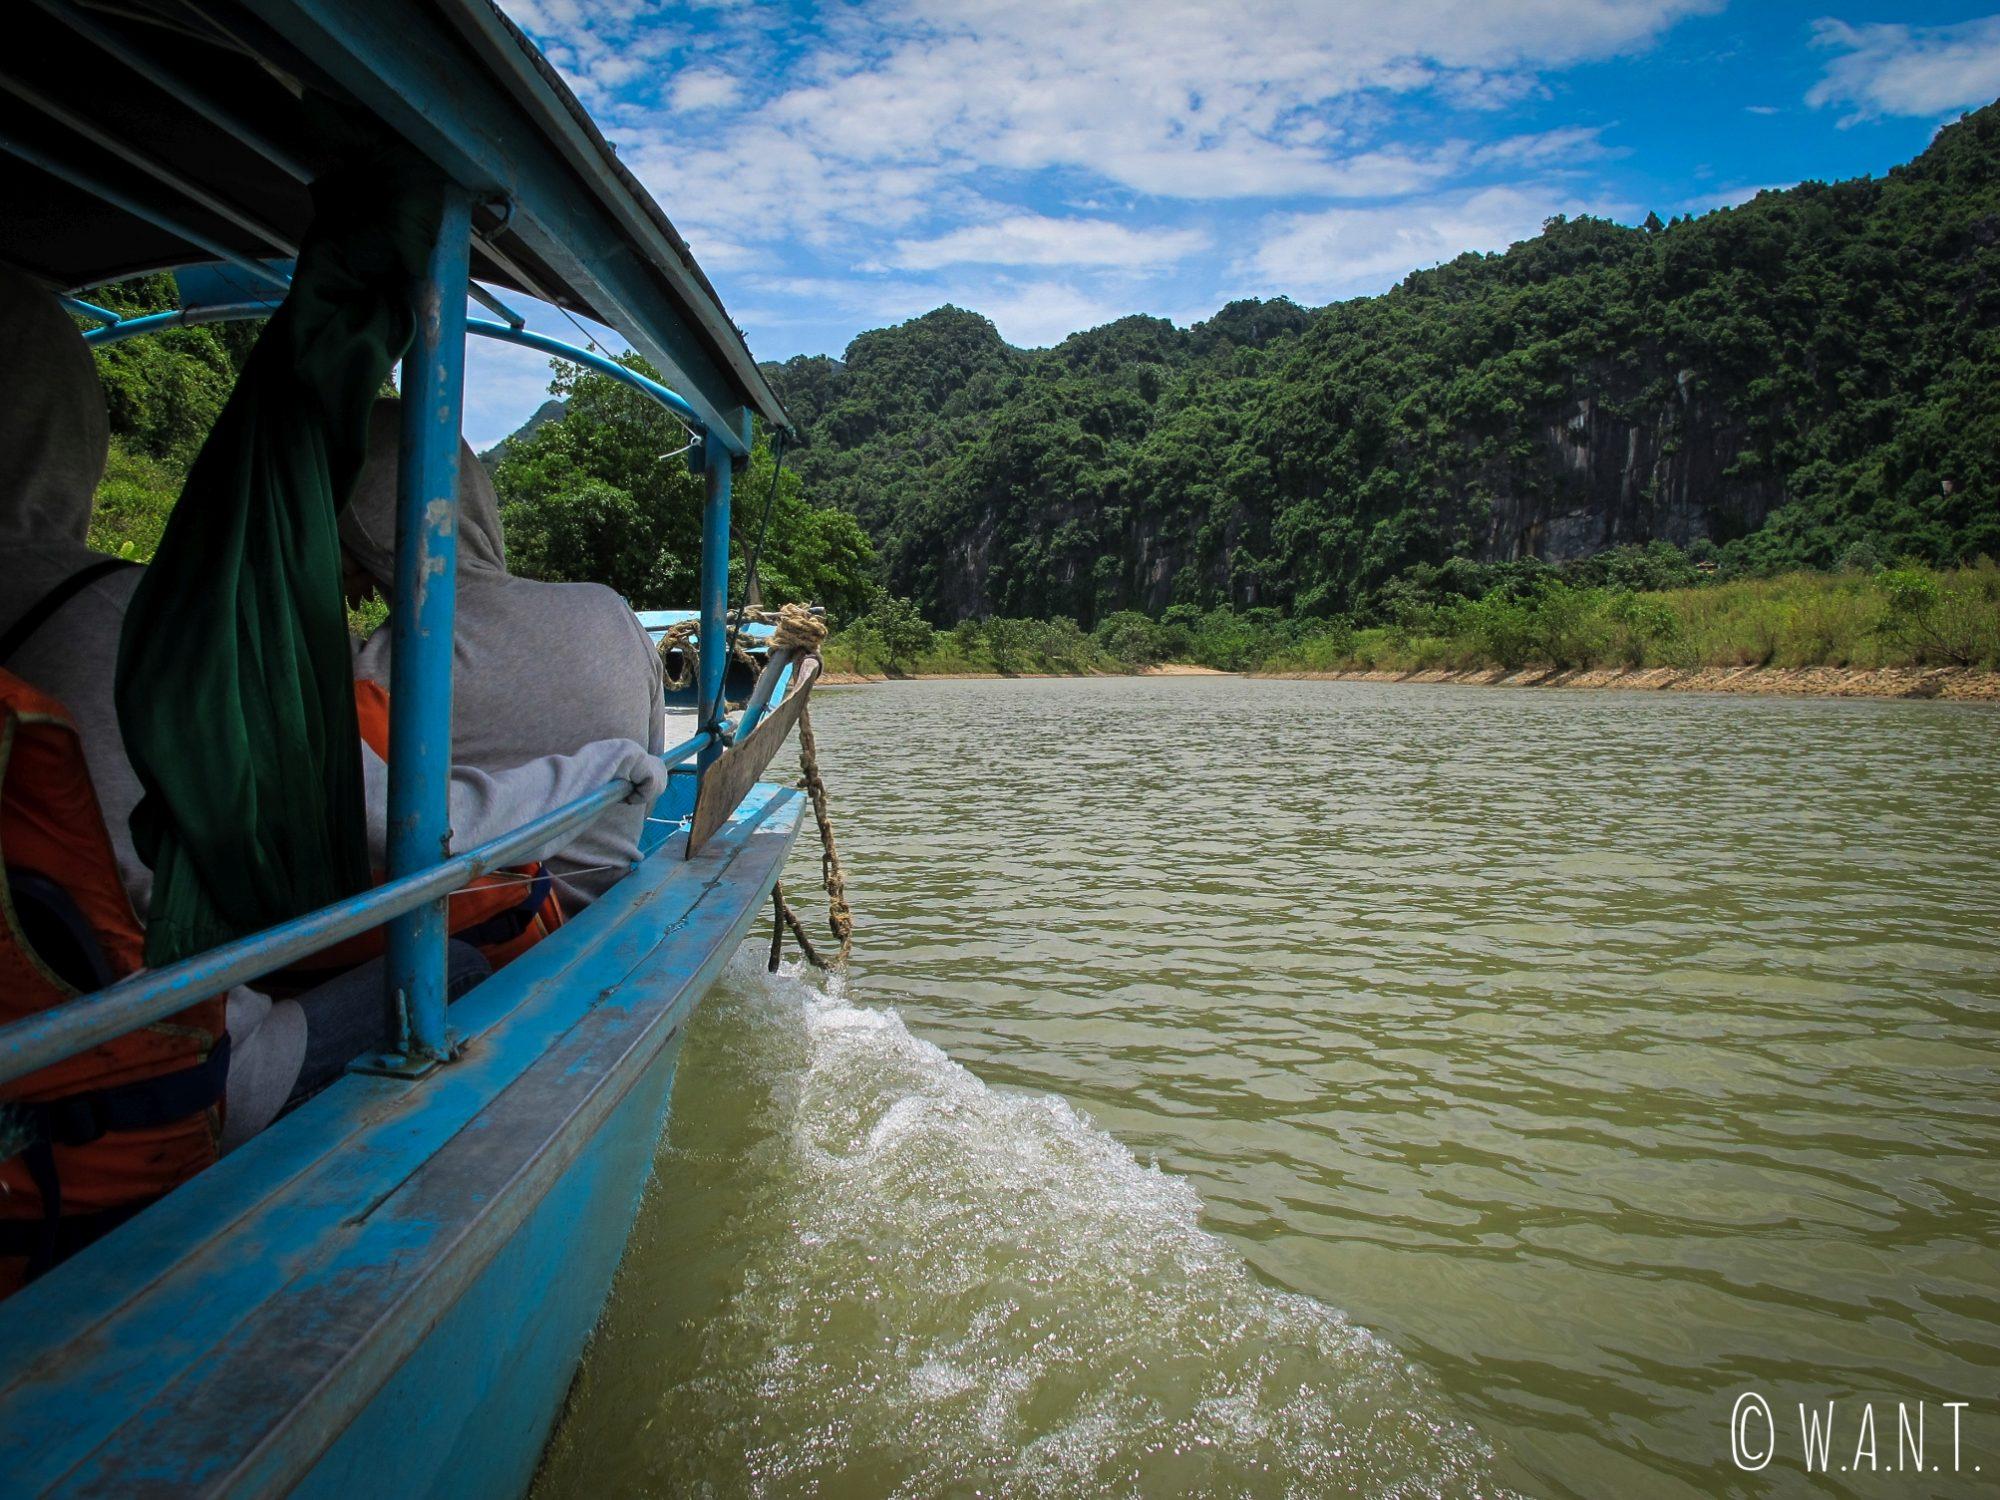 À bord de notre barque sur la rivière Song du parc national Phong Nha-Ke Bang